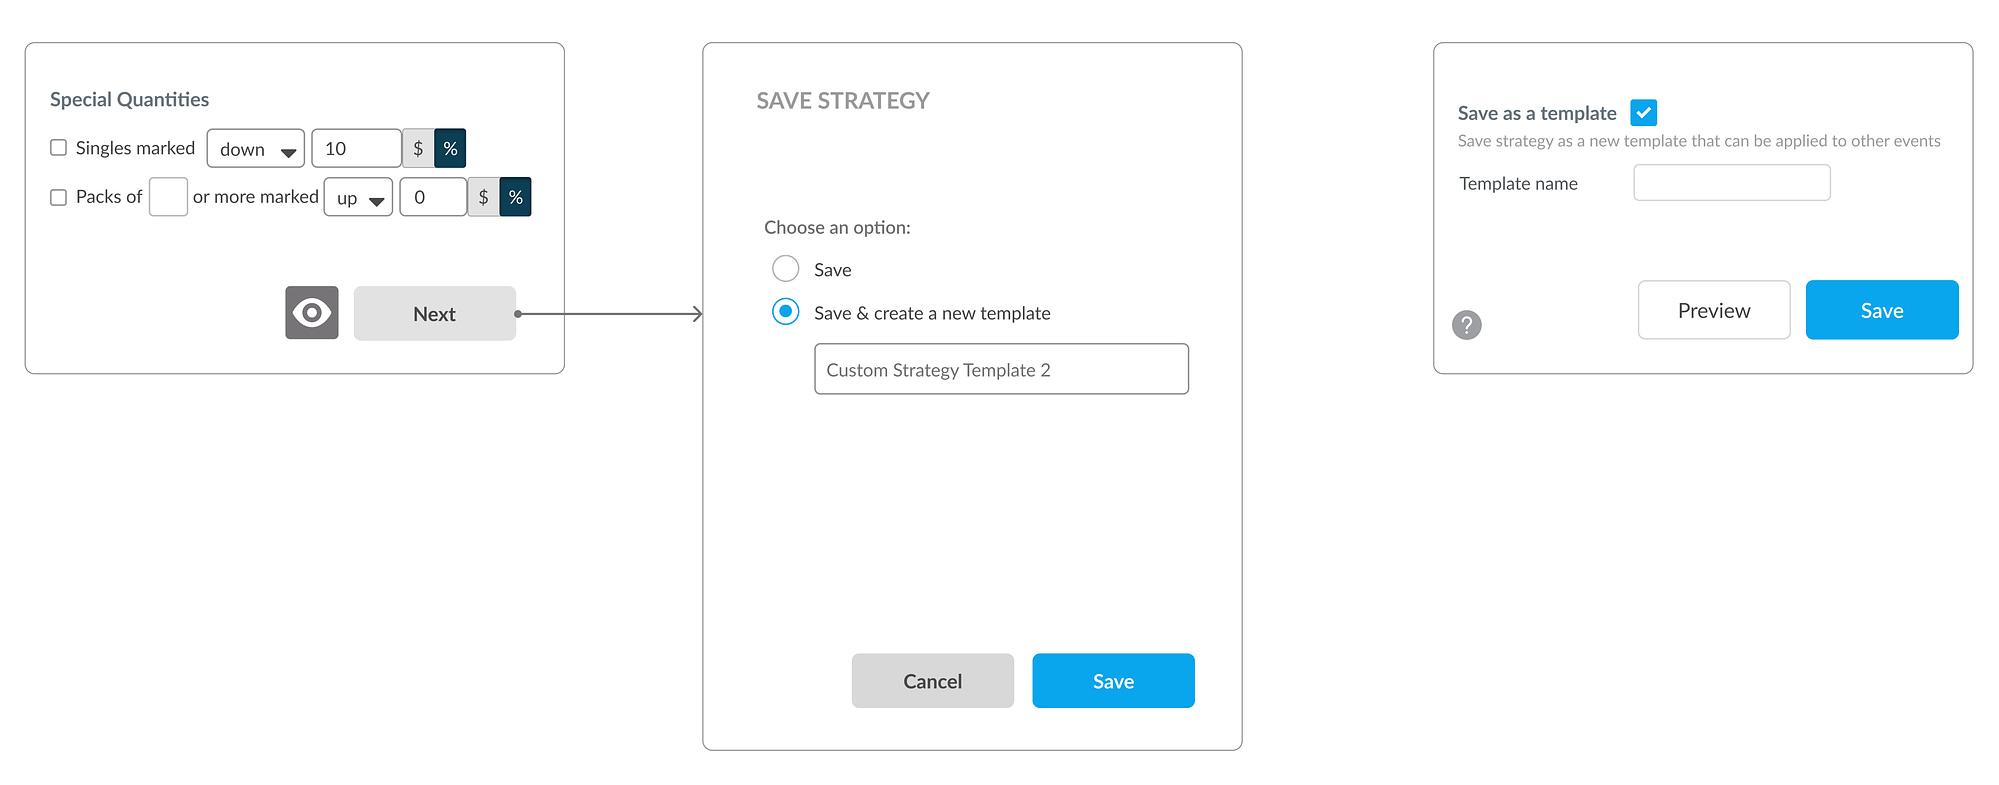 SaveBtn_Test_v3